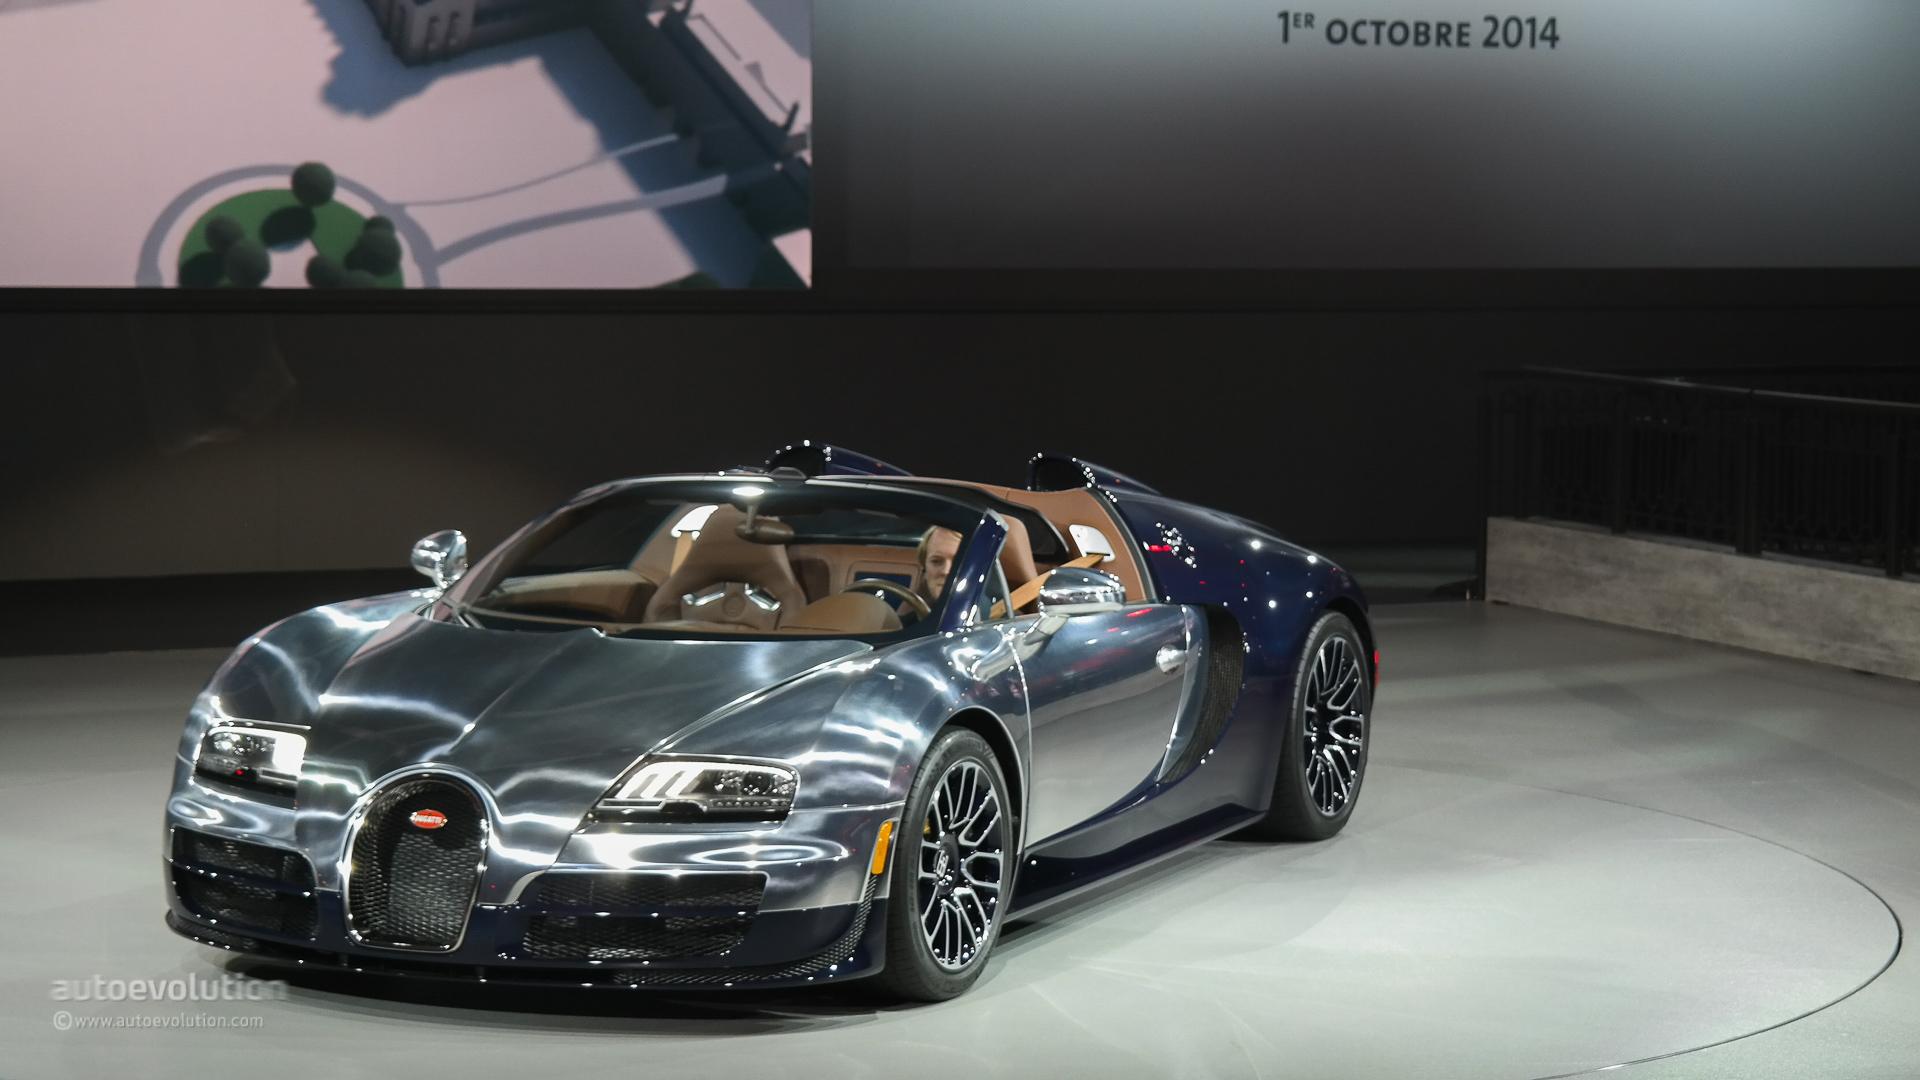 2014 bugatti veyron ettore bugatti legend edition 2. Black Bedroom Furniture Sets. Home Design Ideas